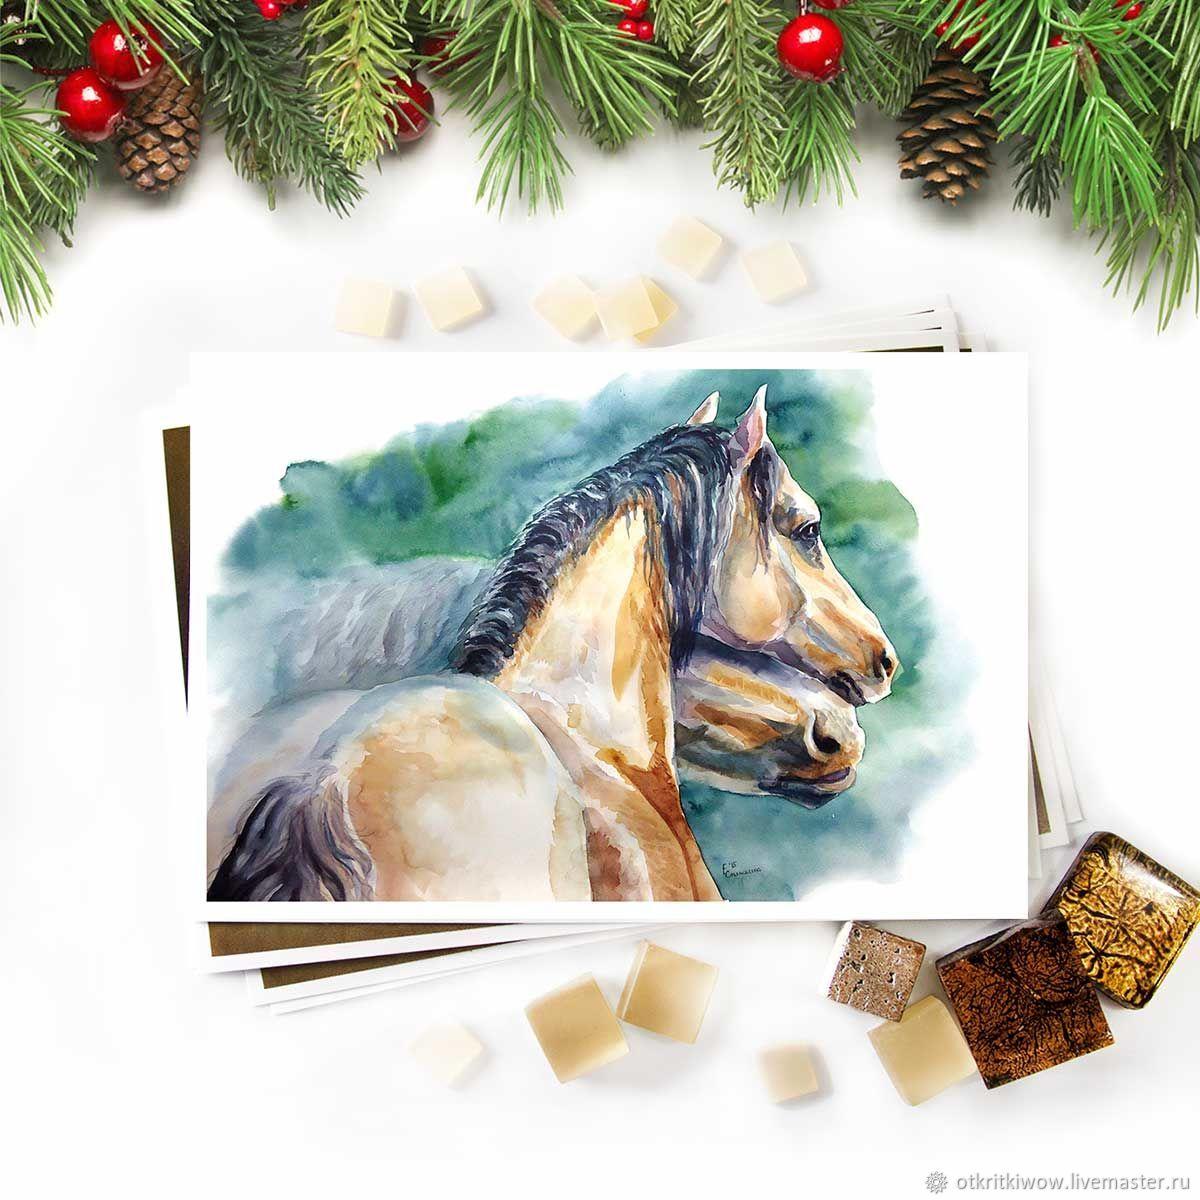 Открытка лошади обнимаются Саврасые, Открытки, Йошкар-Ола,  Фото №1